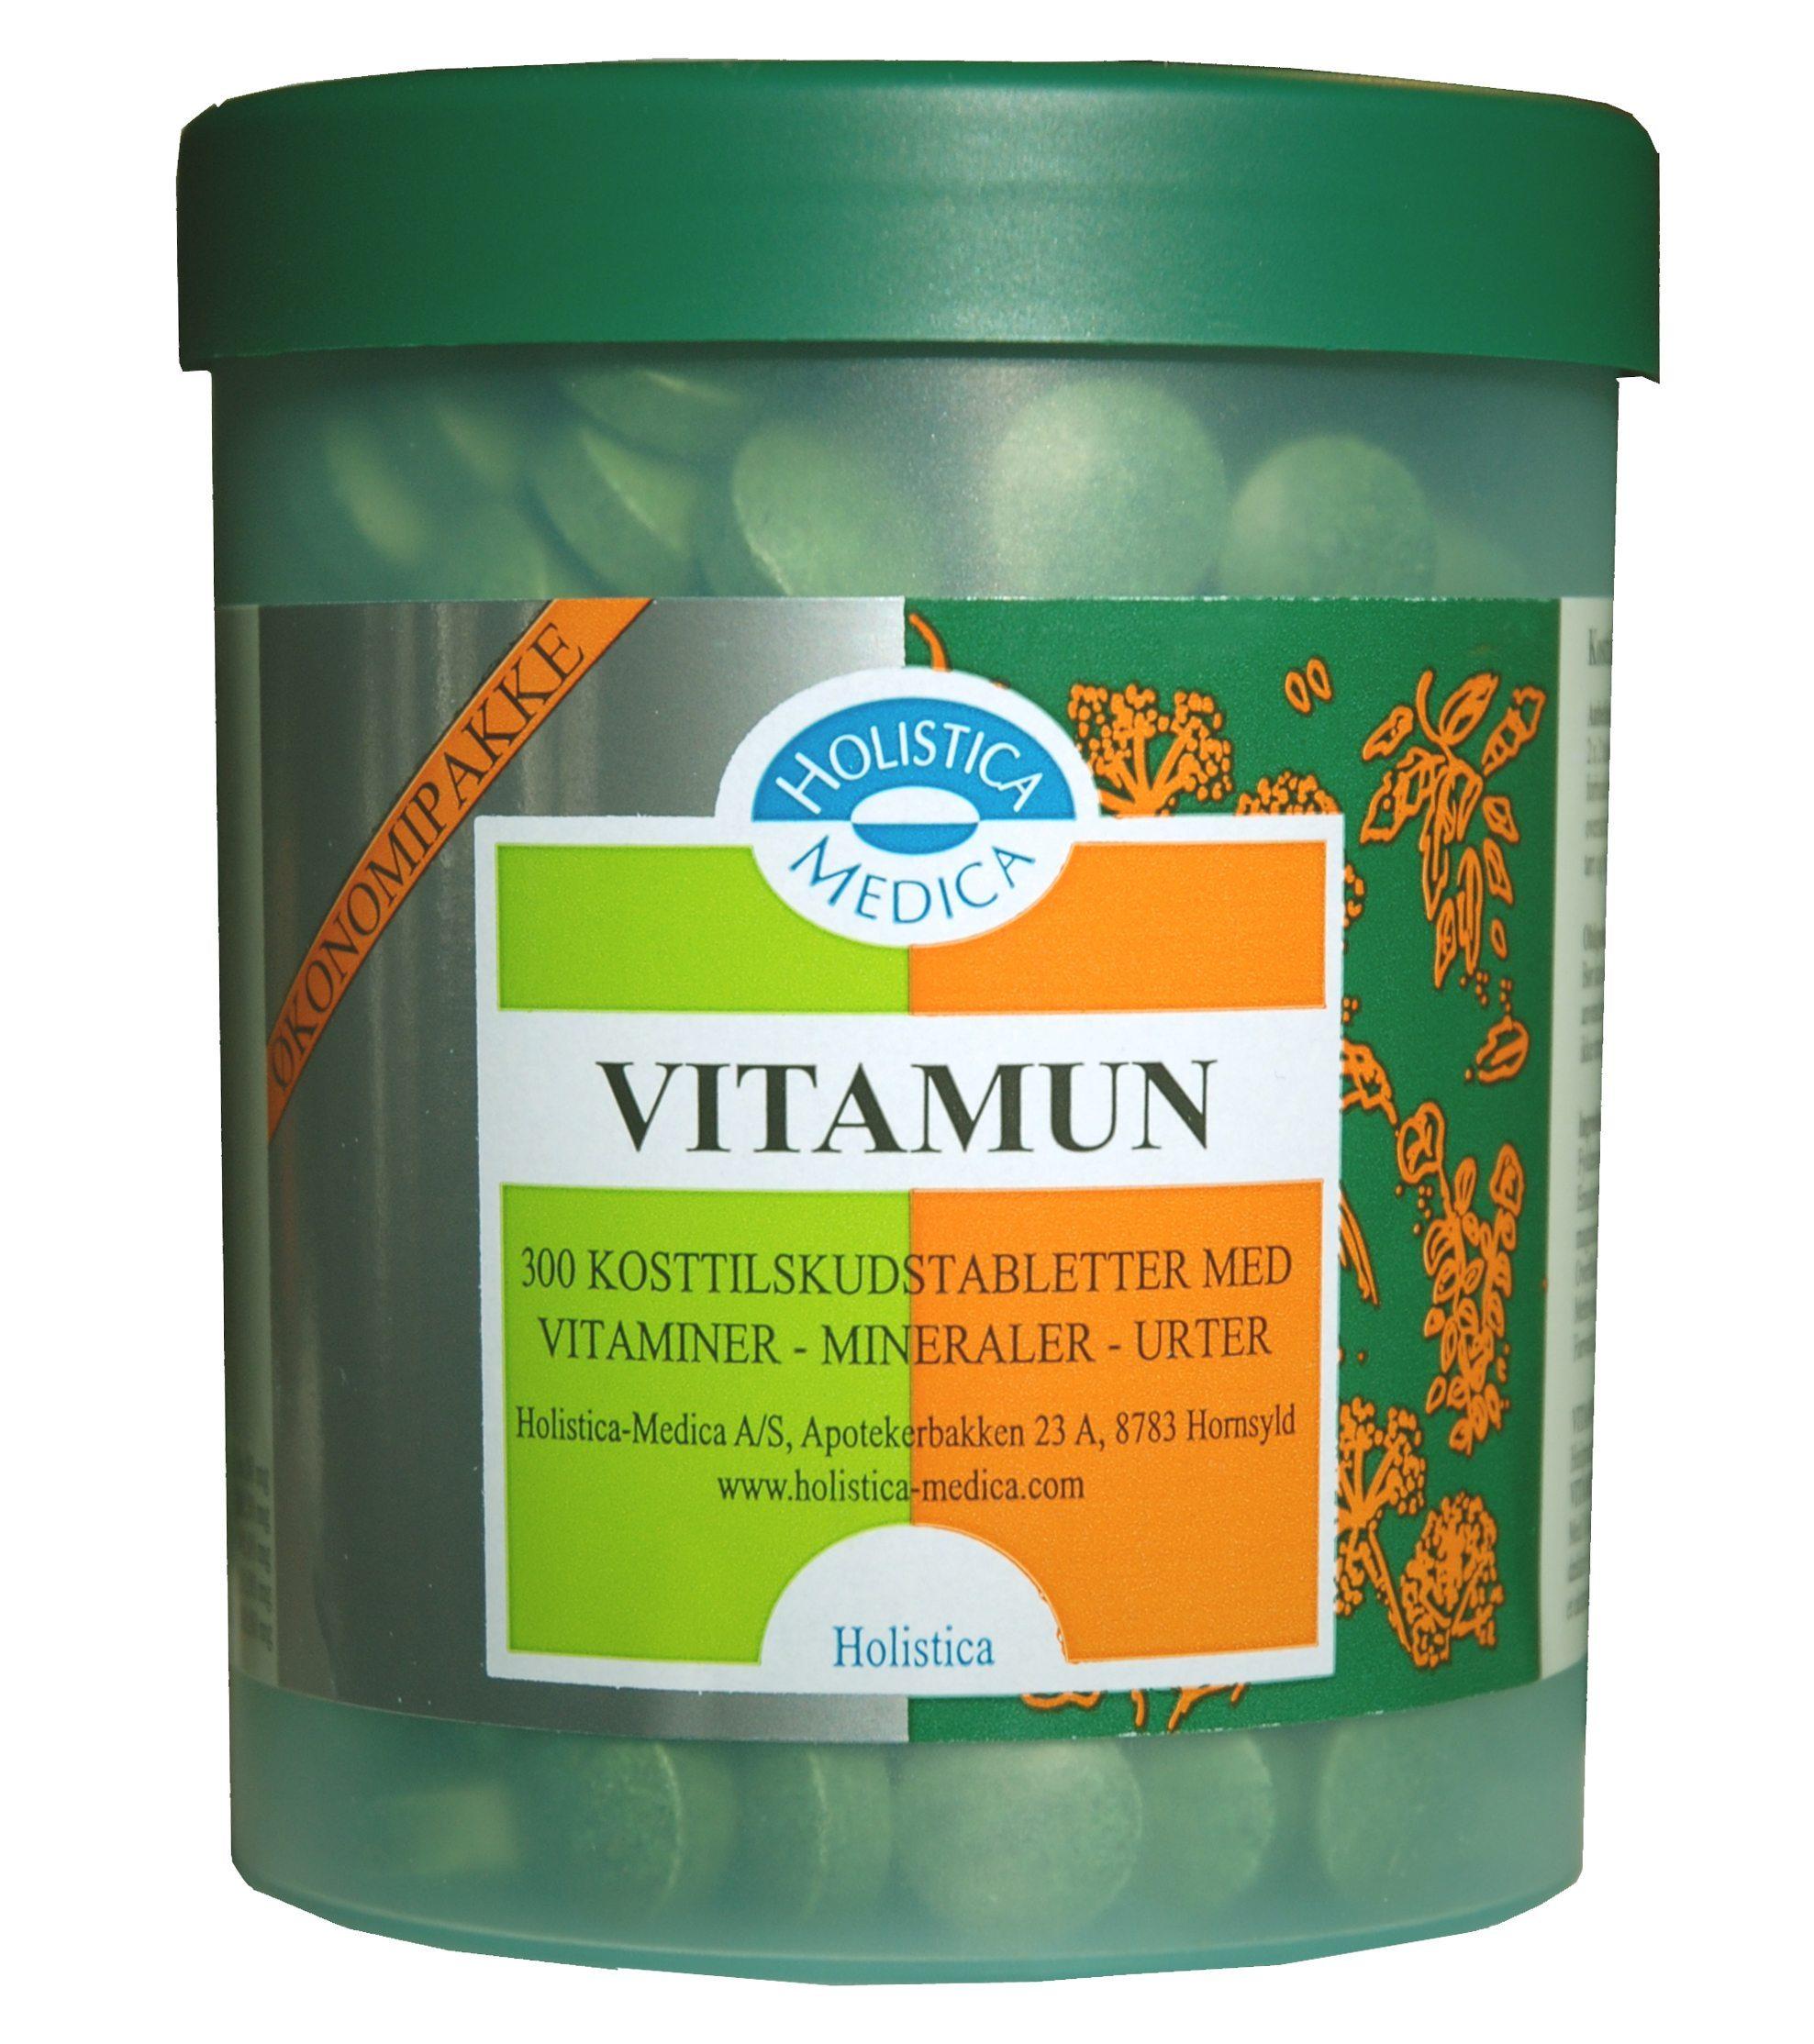 Vitamun